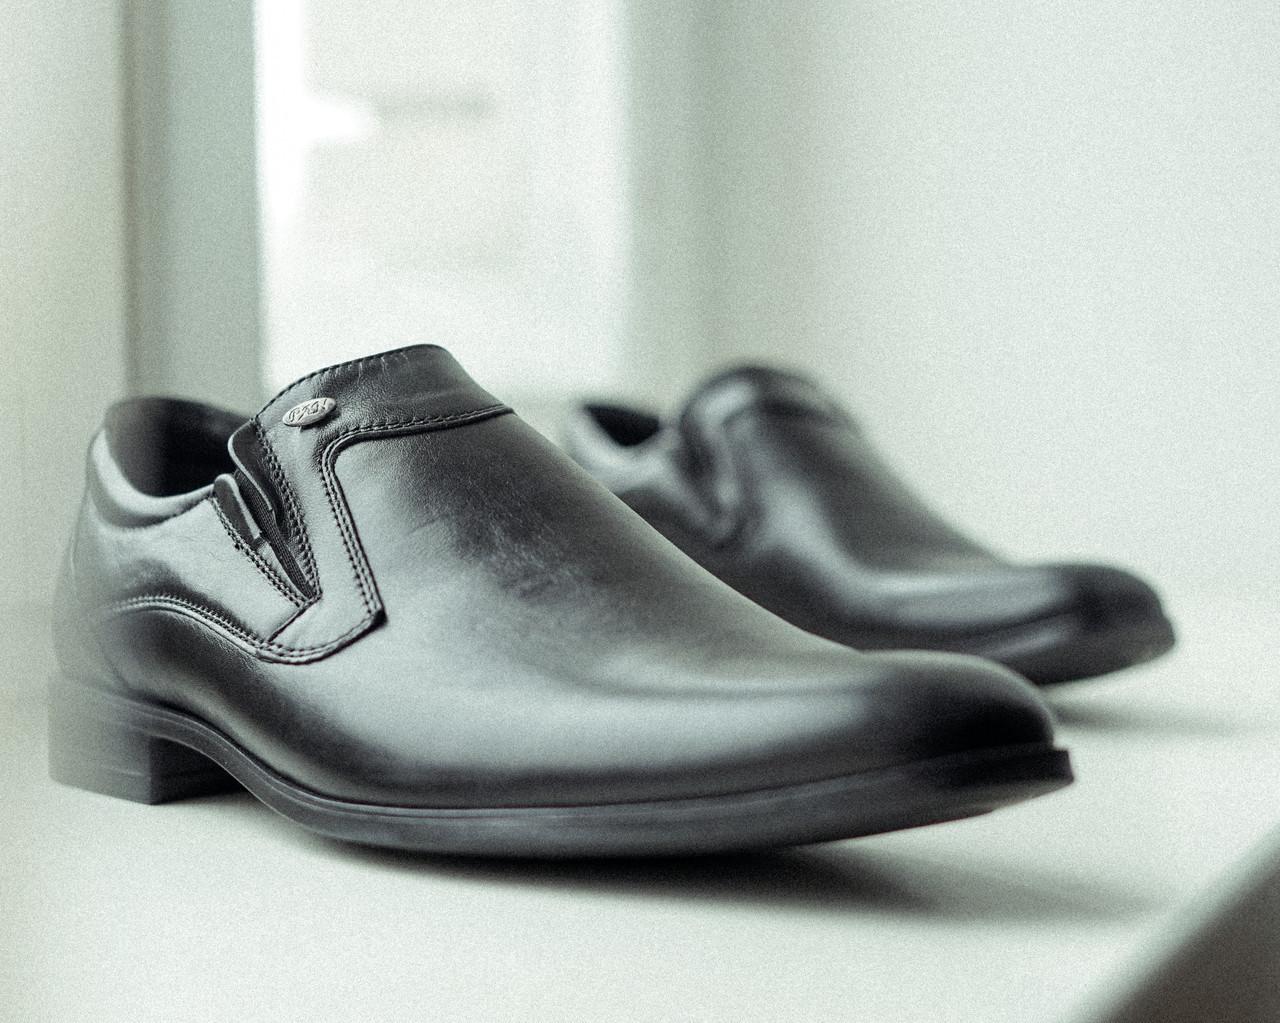 Чорні матові туфлі польського виробництва. Ваш комфортний ВИБІР!